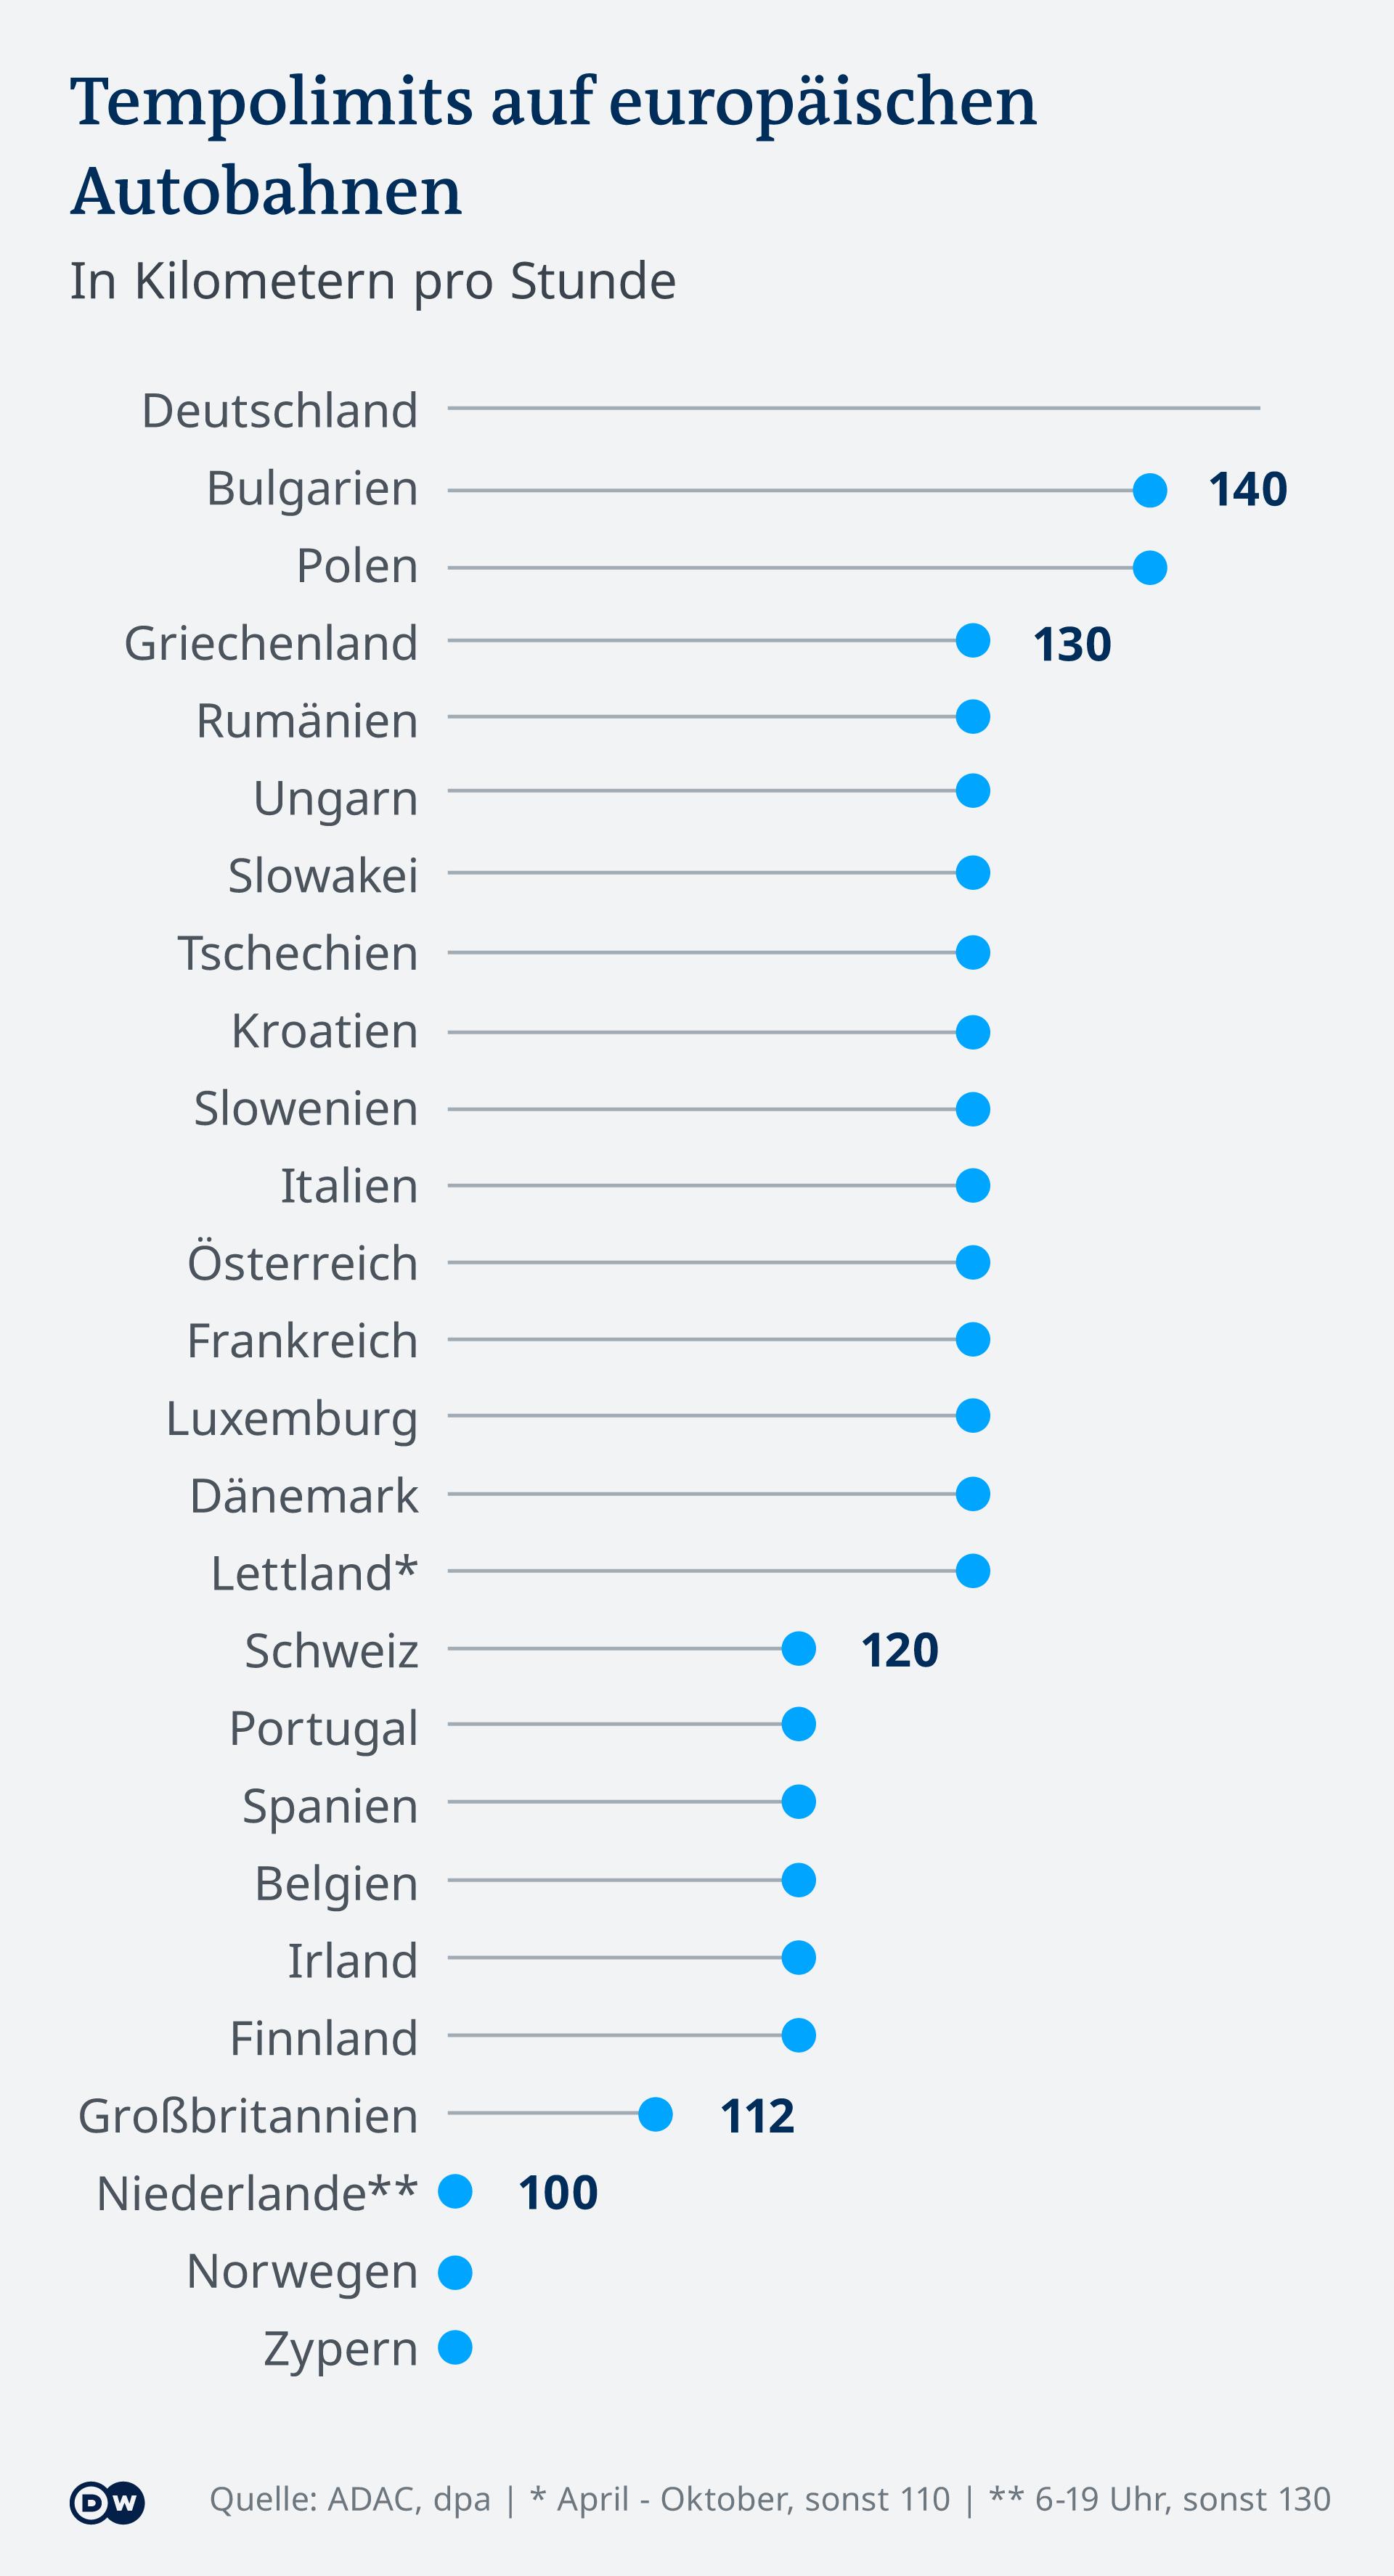 Infografik Tempolimits auf europäischen Autobahnen DE